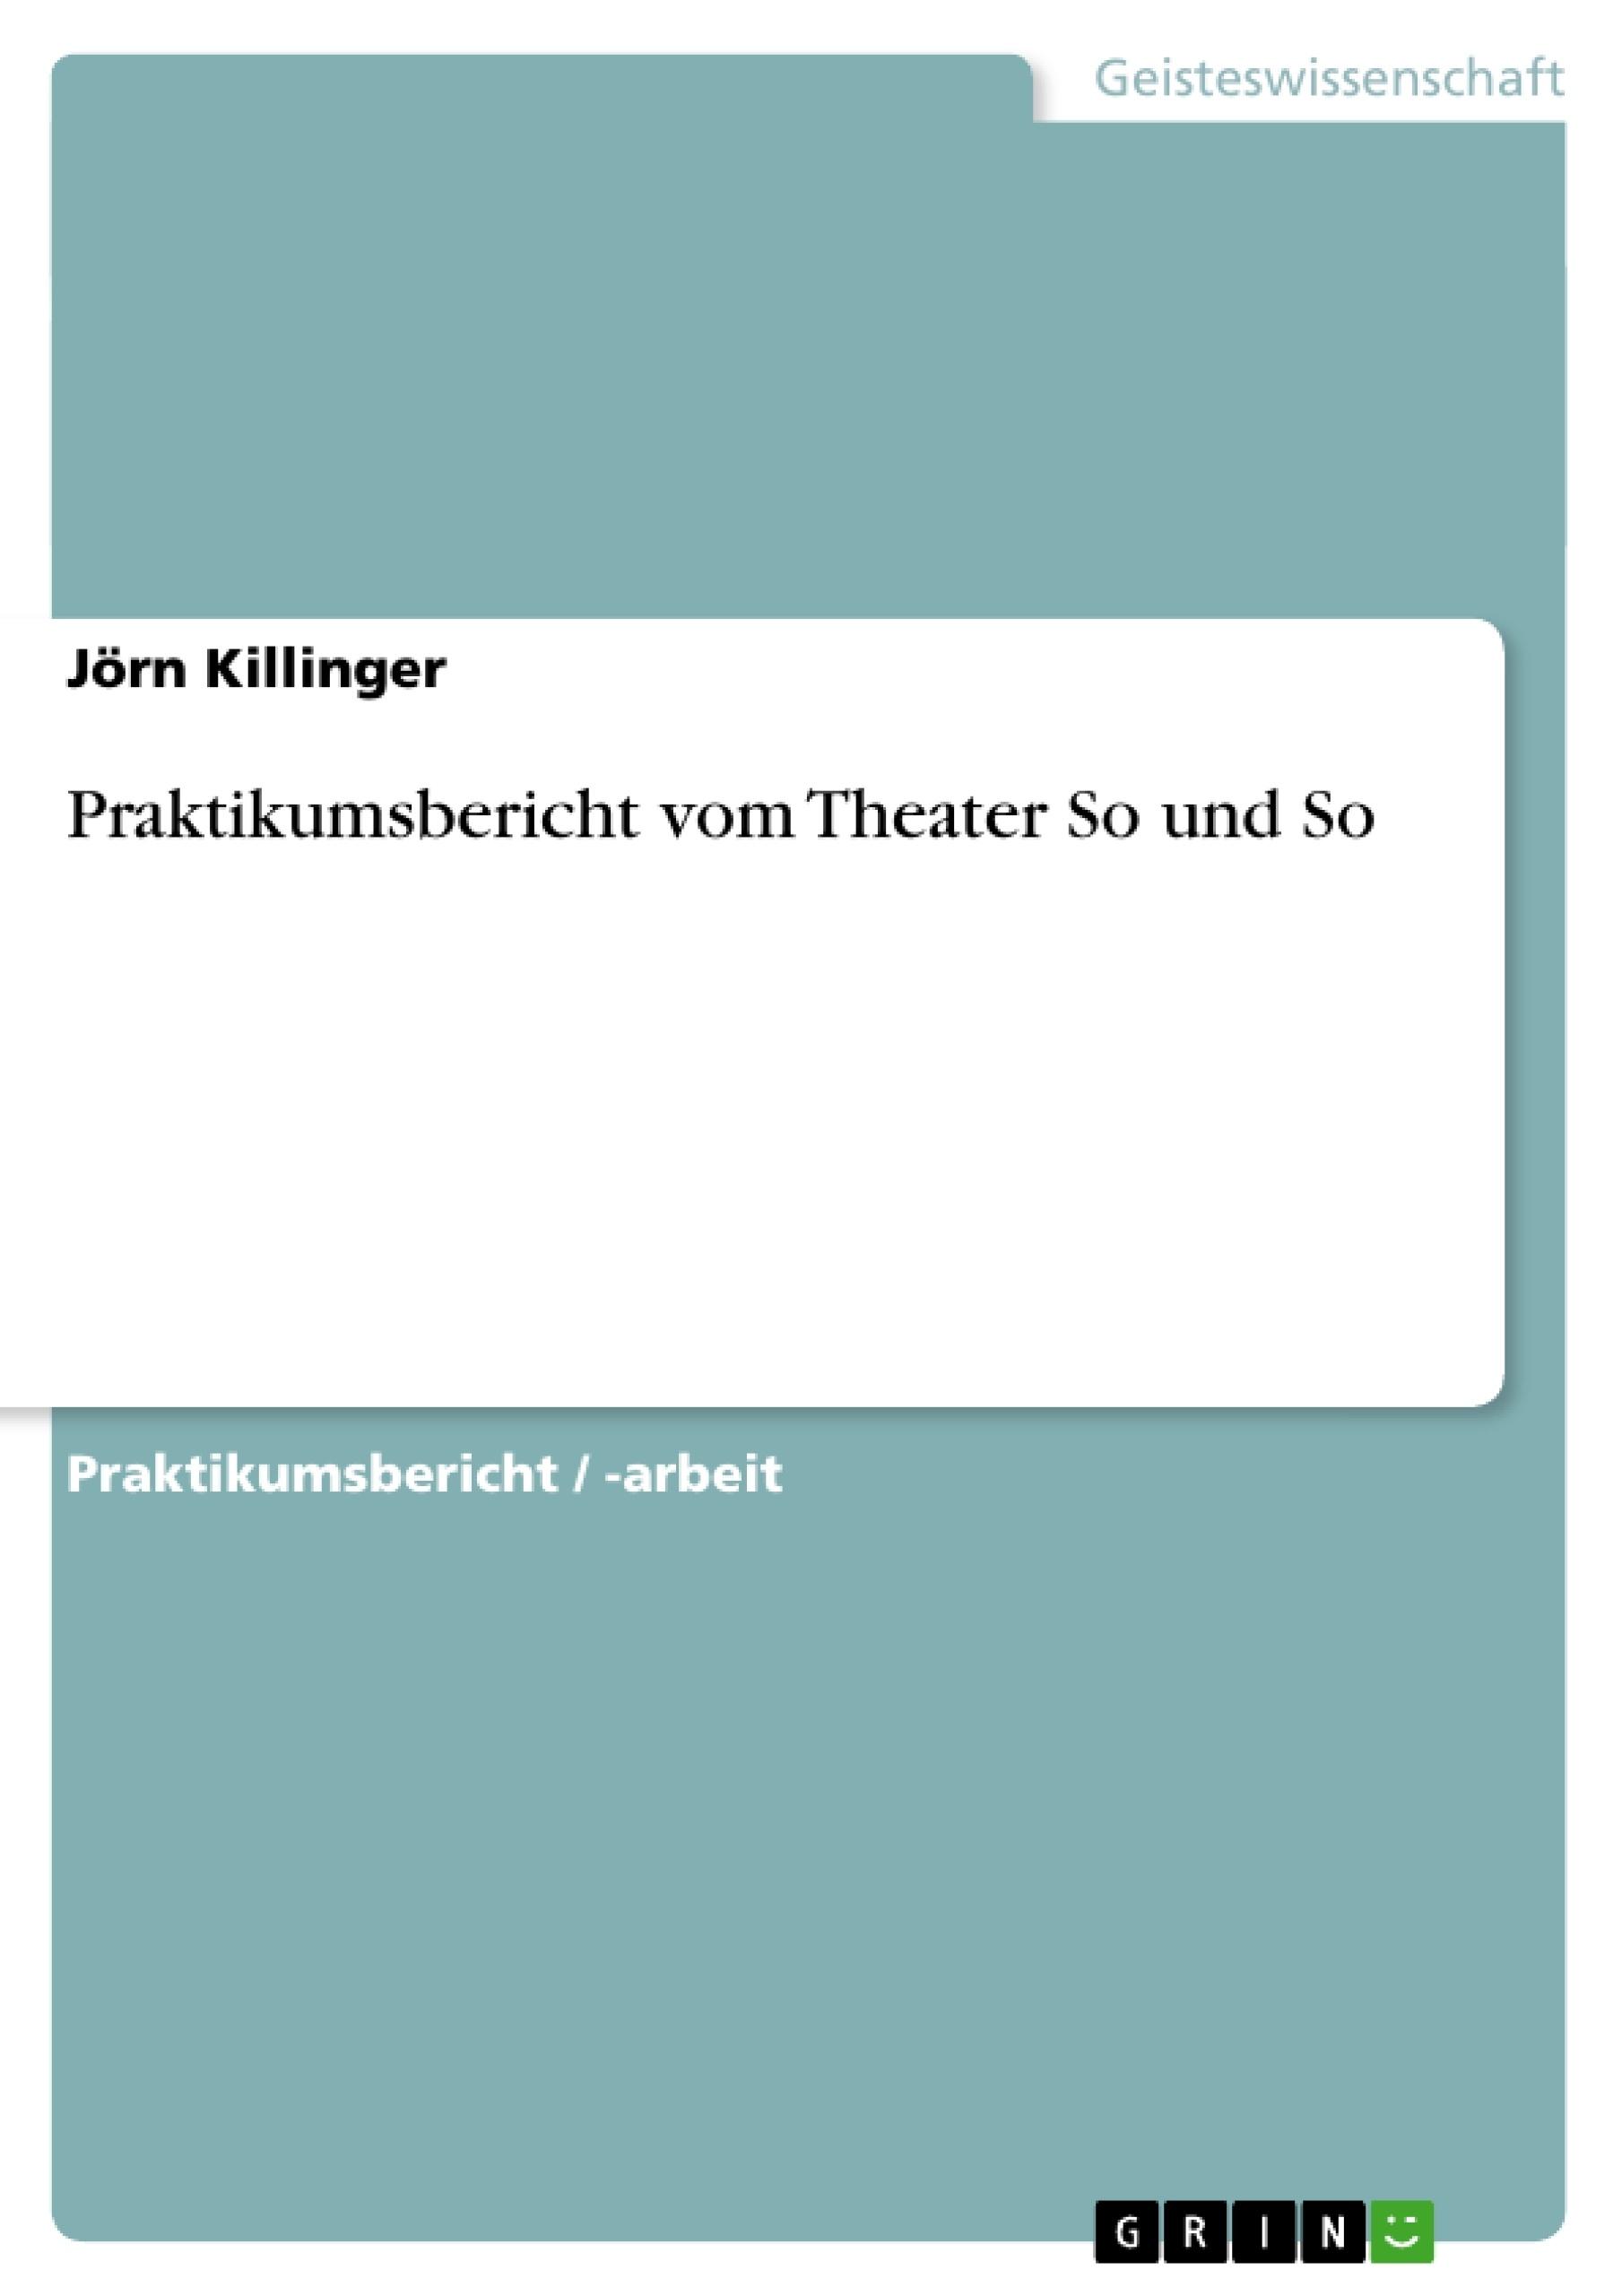 Titel: Praktikumsbericht vom Theater So und So